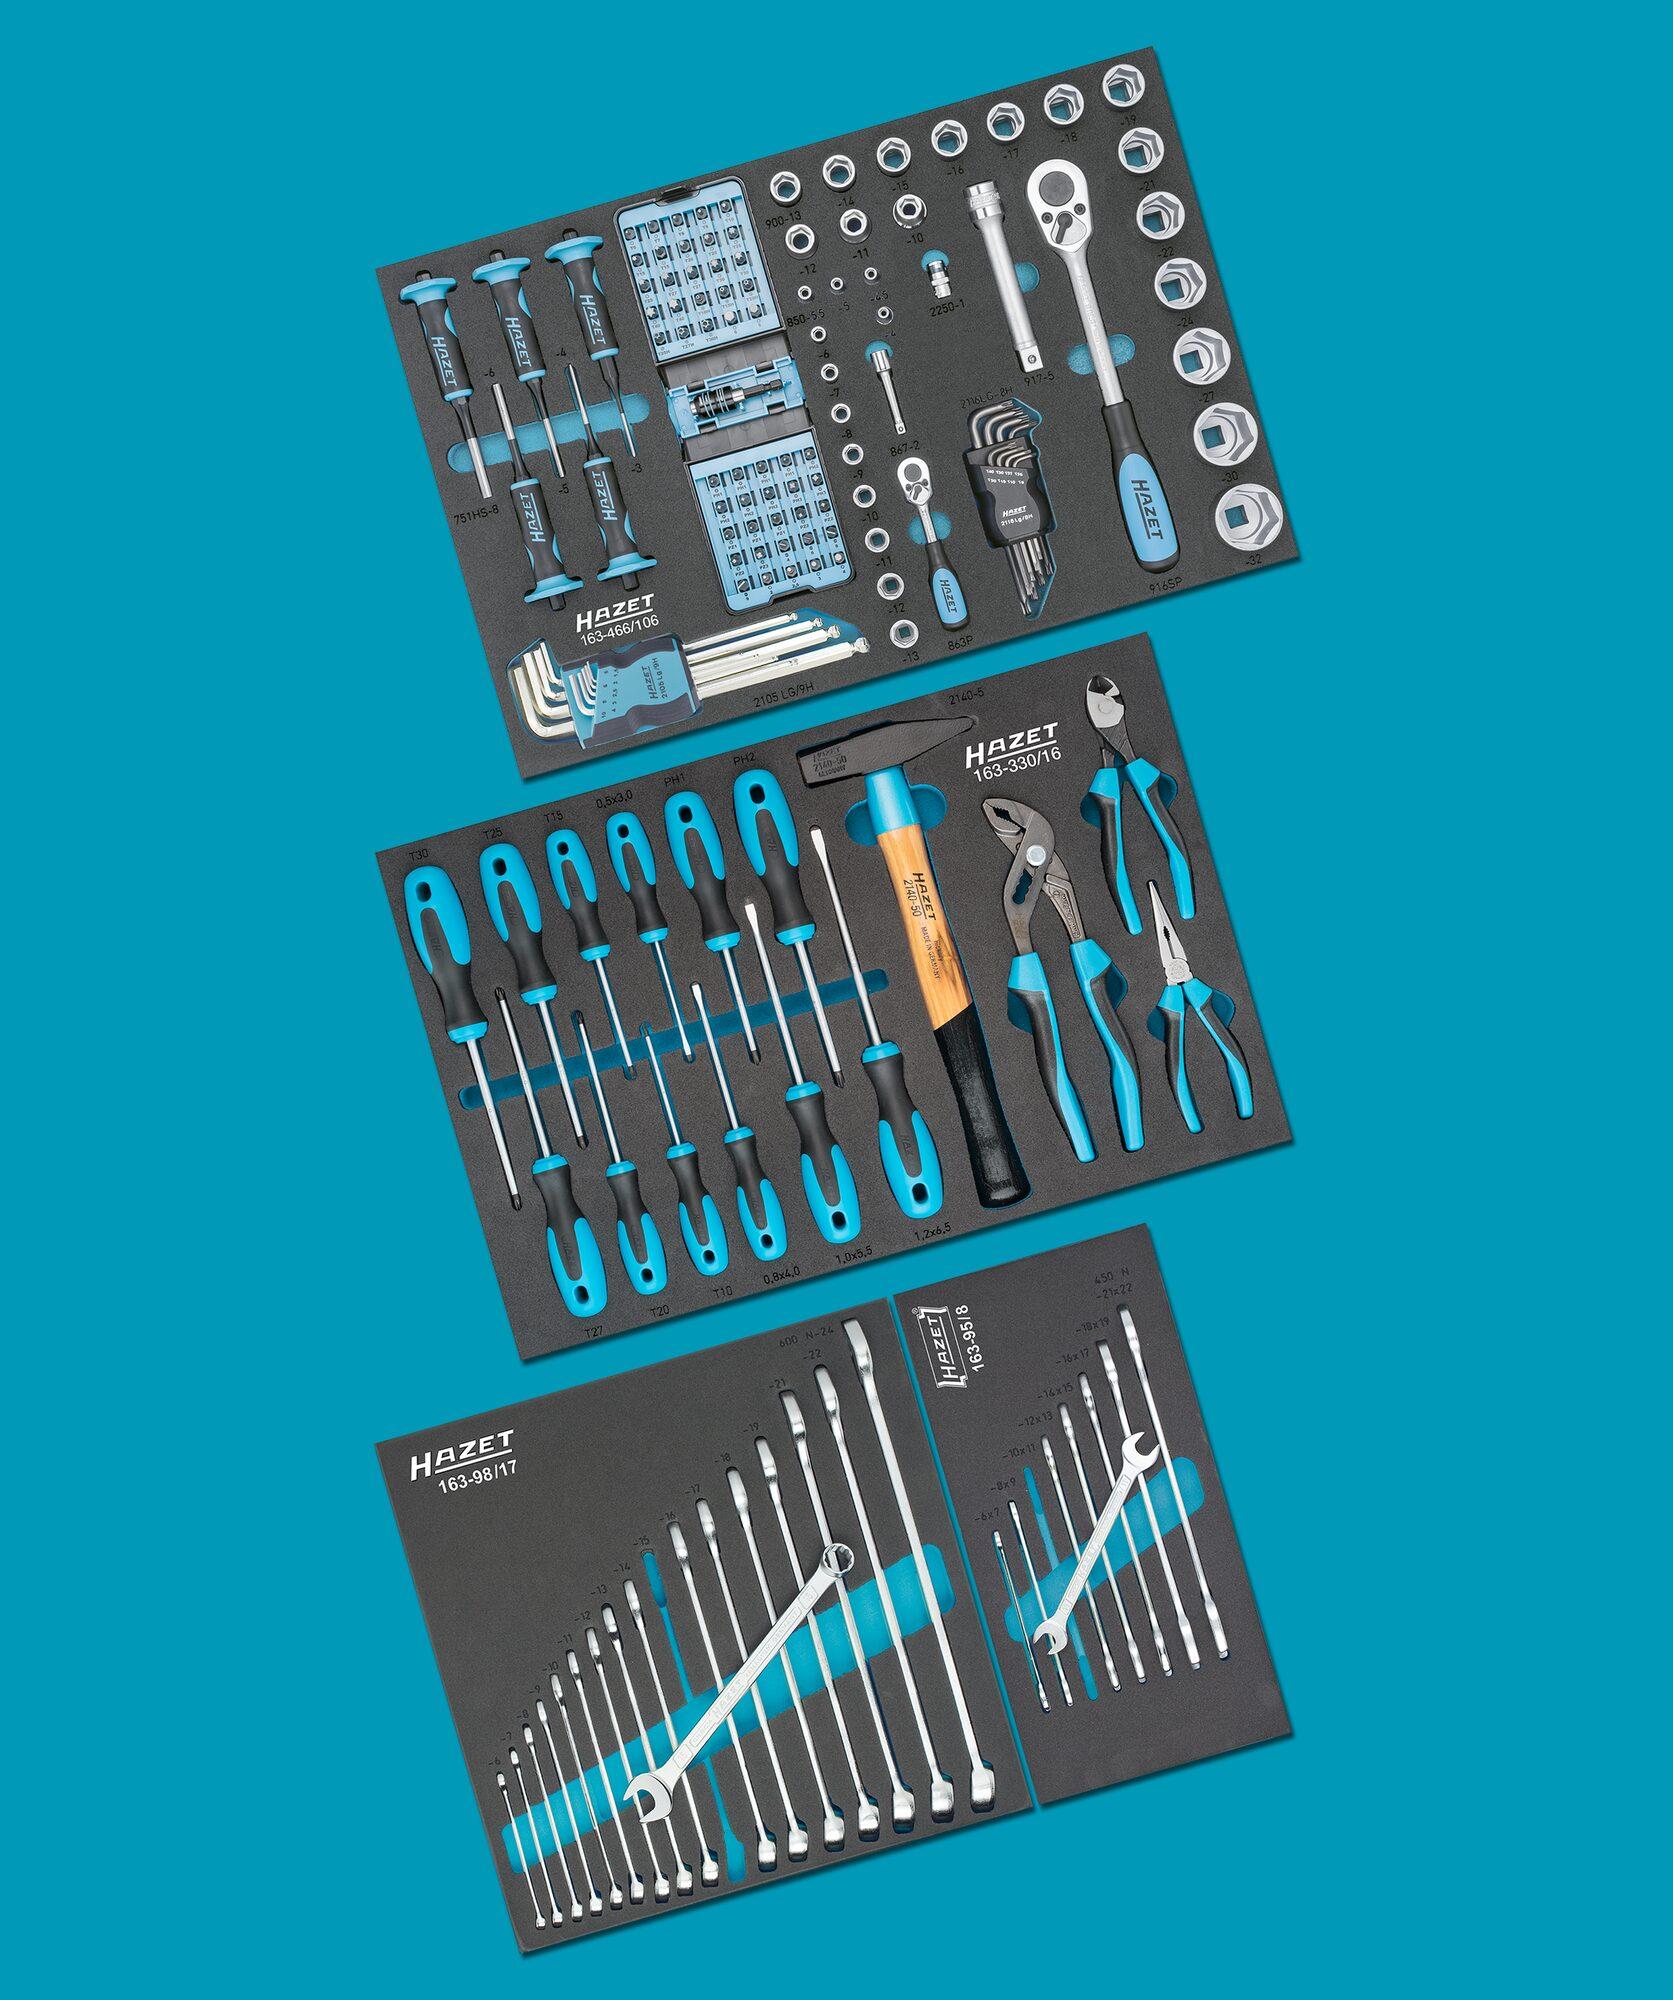 HAZET Werkzeug Sortiment 0-178N/147 ∙ Anzahl Werkzeuge: 147